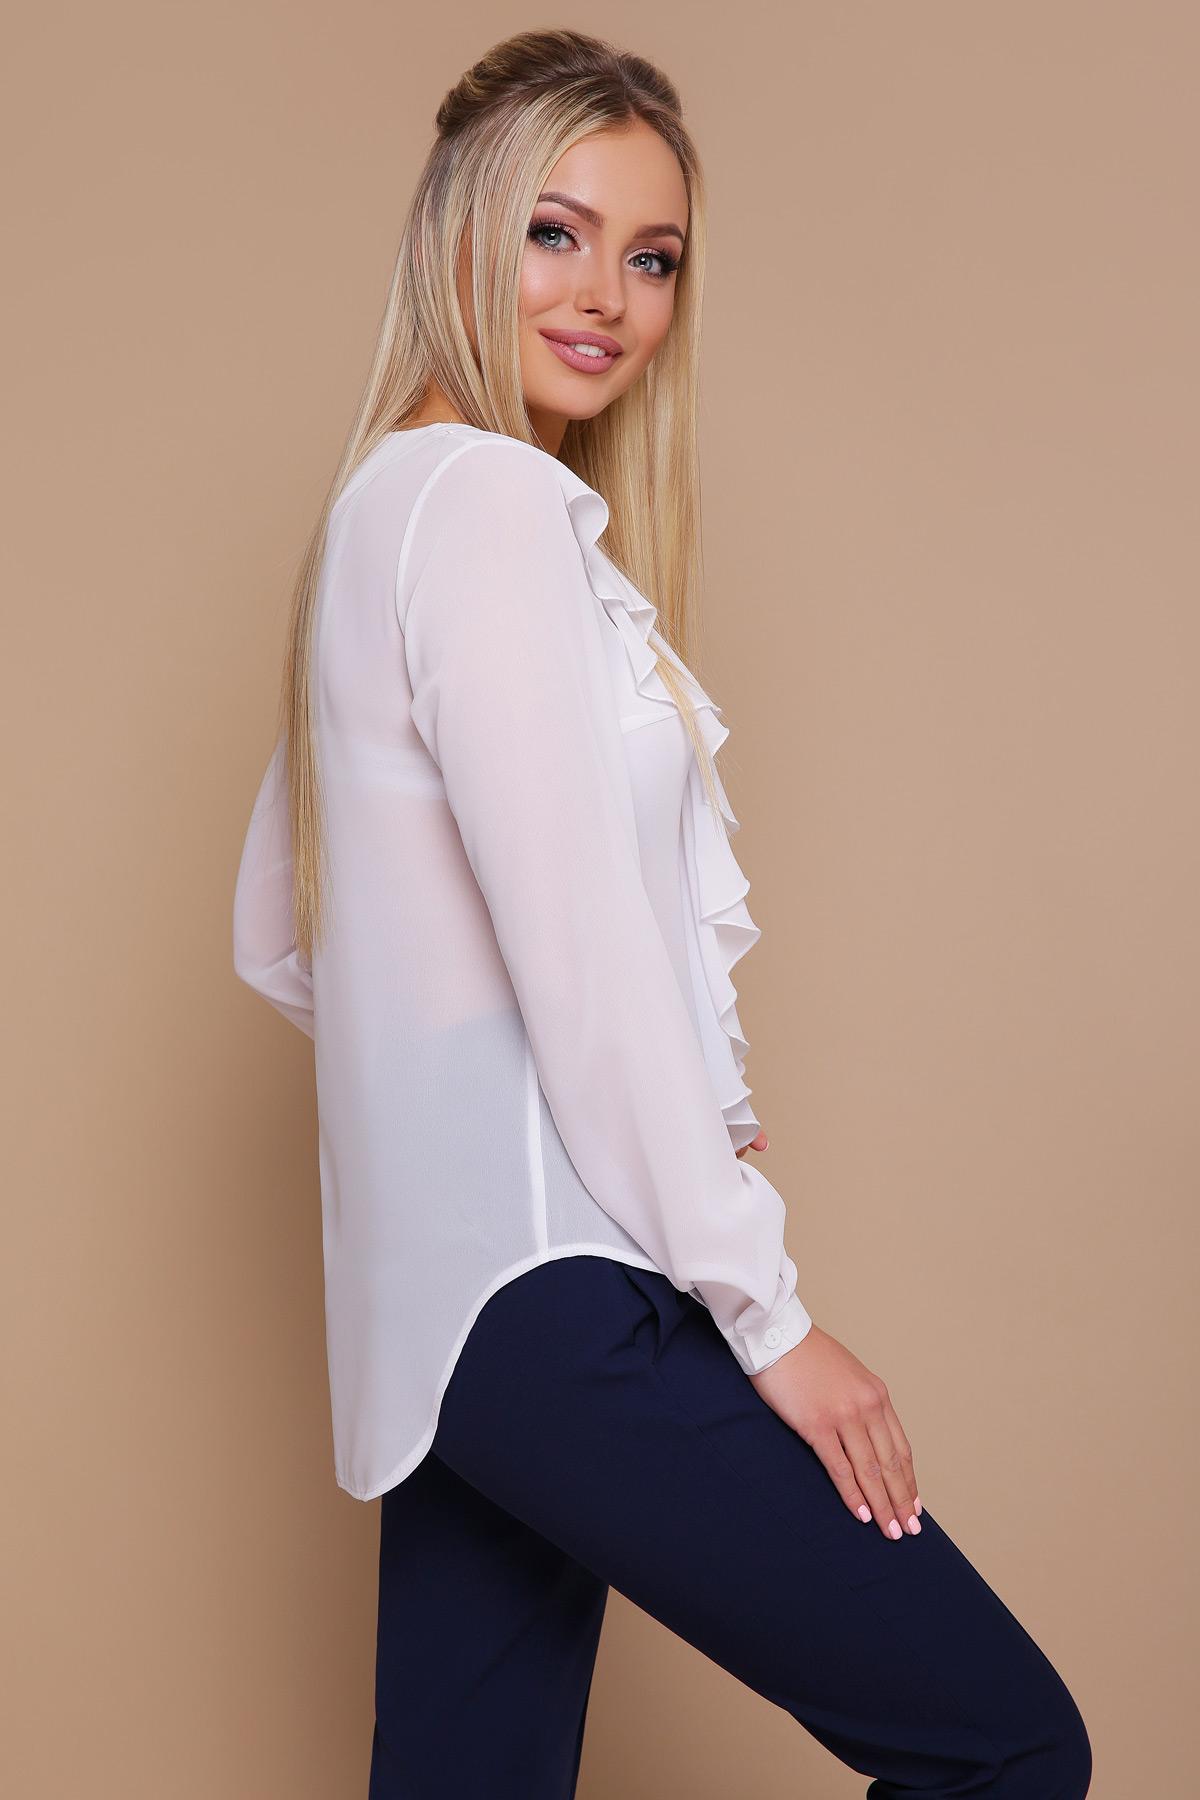 e9abda2cc6c черная блузка из шифона. блуза Сиена д р. Цвет  белый купить